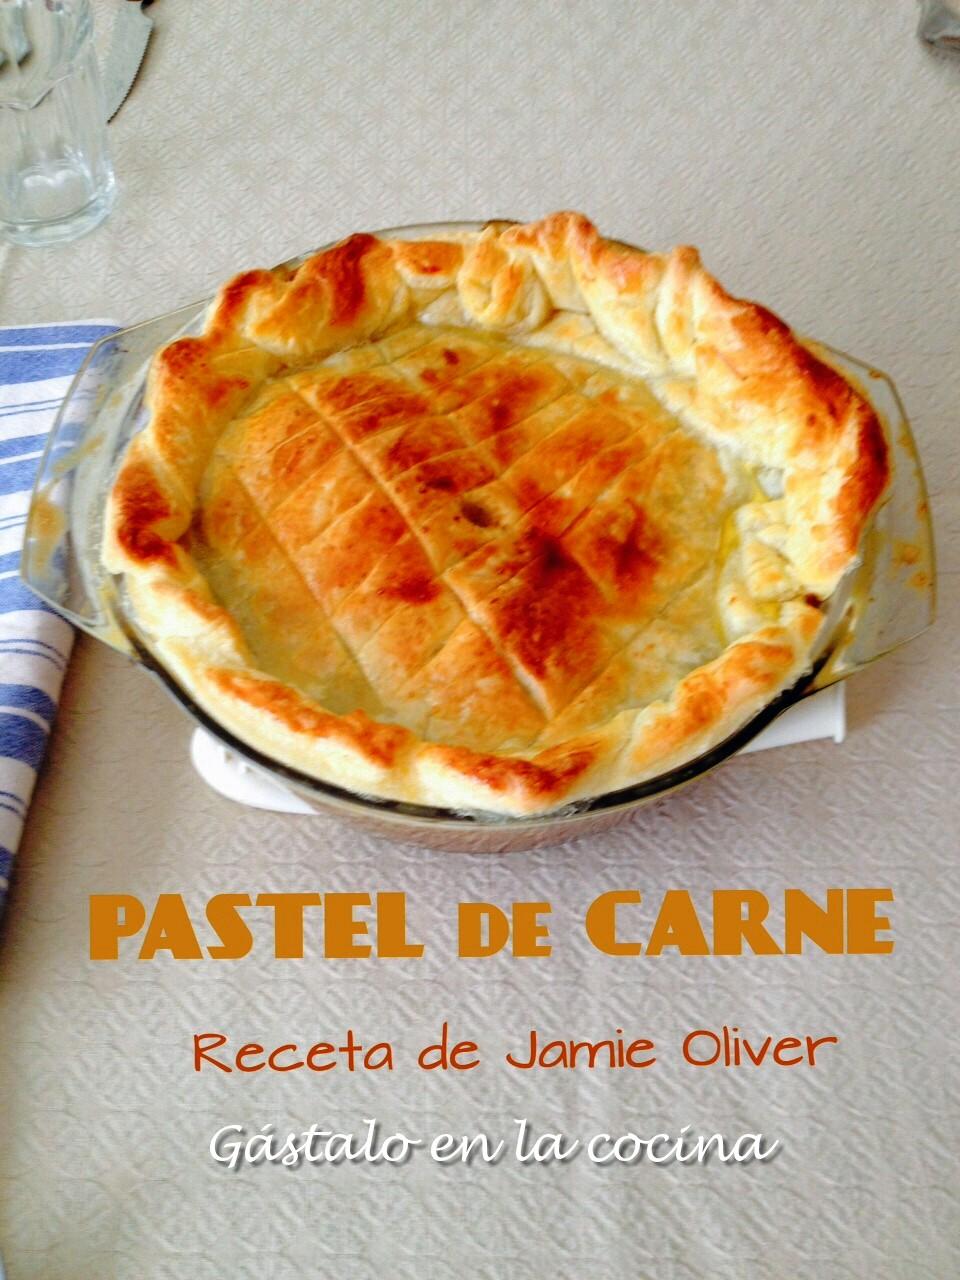 G stalo en la cocina pastel de carne de jamie oliver for Jamie oliver utensilios de cocina